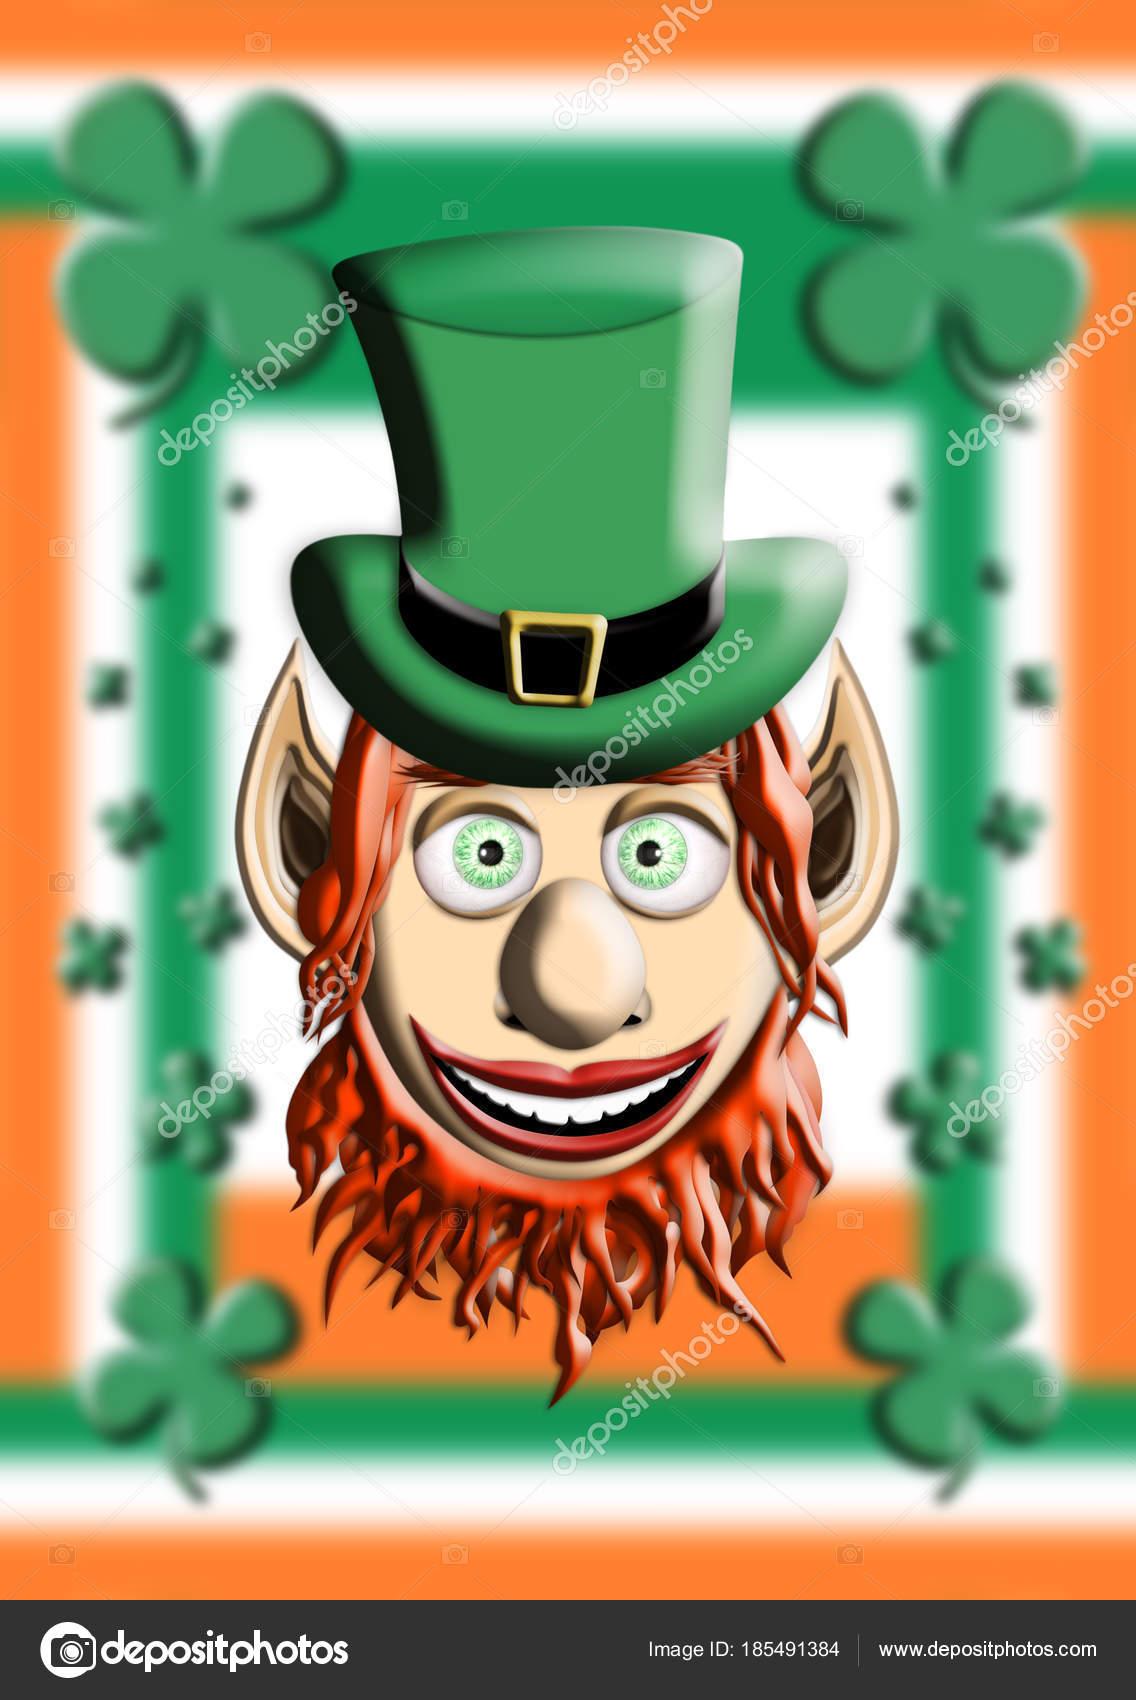 Día de San Patricio. Ilustración 3d de duende con sombrero contra Irlanda  bandera verde y fondo de trébol de cuatro hojas — Foto de alexandarilich85 91544f4f0bcd